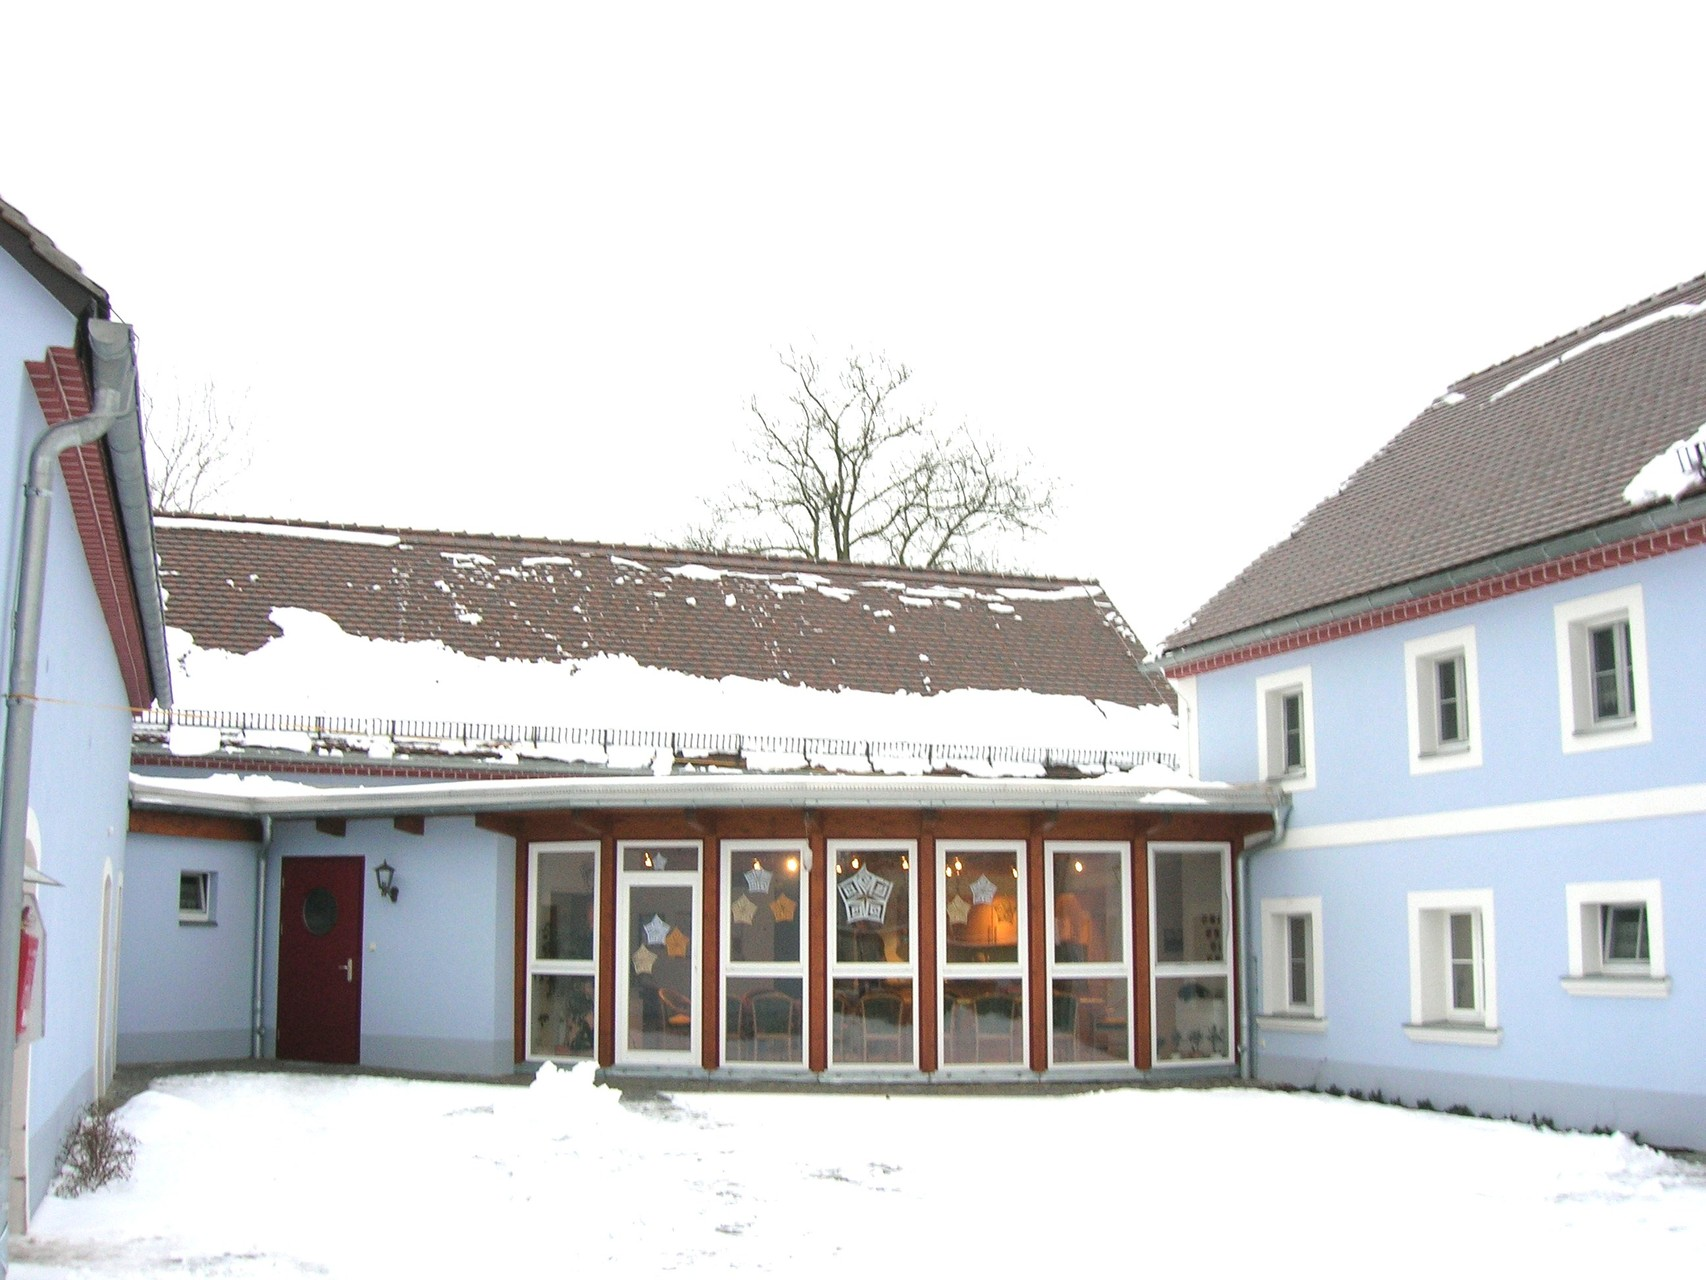 Missionshof Lieske, Umbau des Dreiseithofes zum Wohnheim, 2006